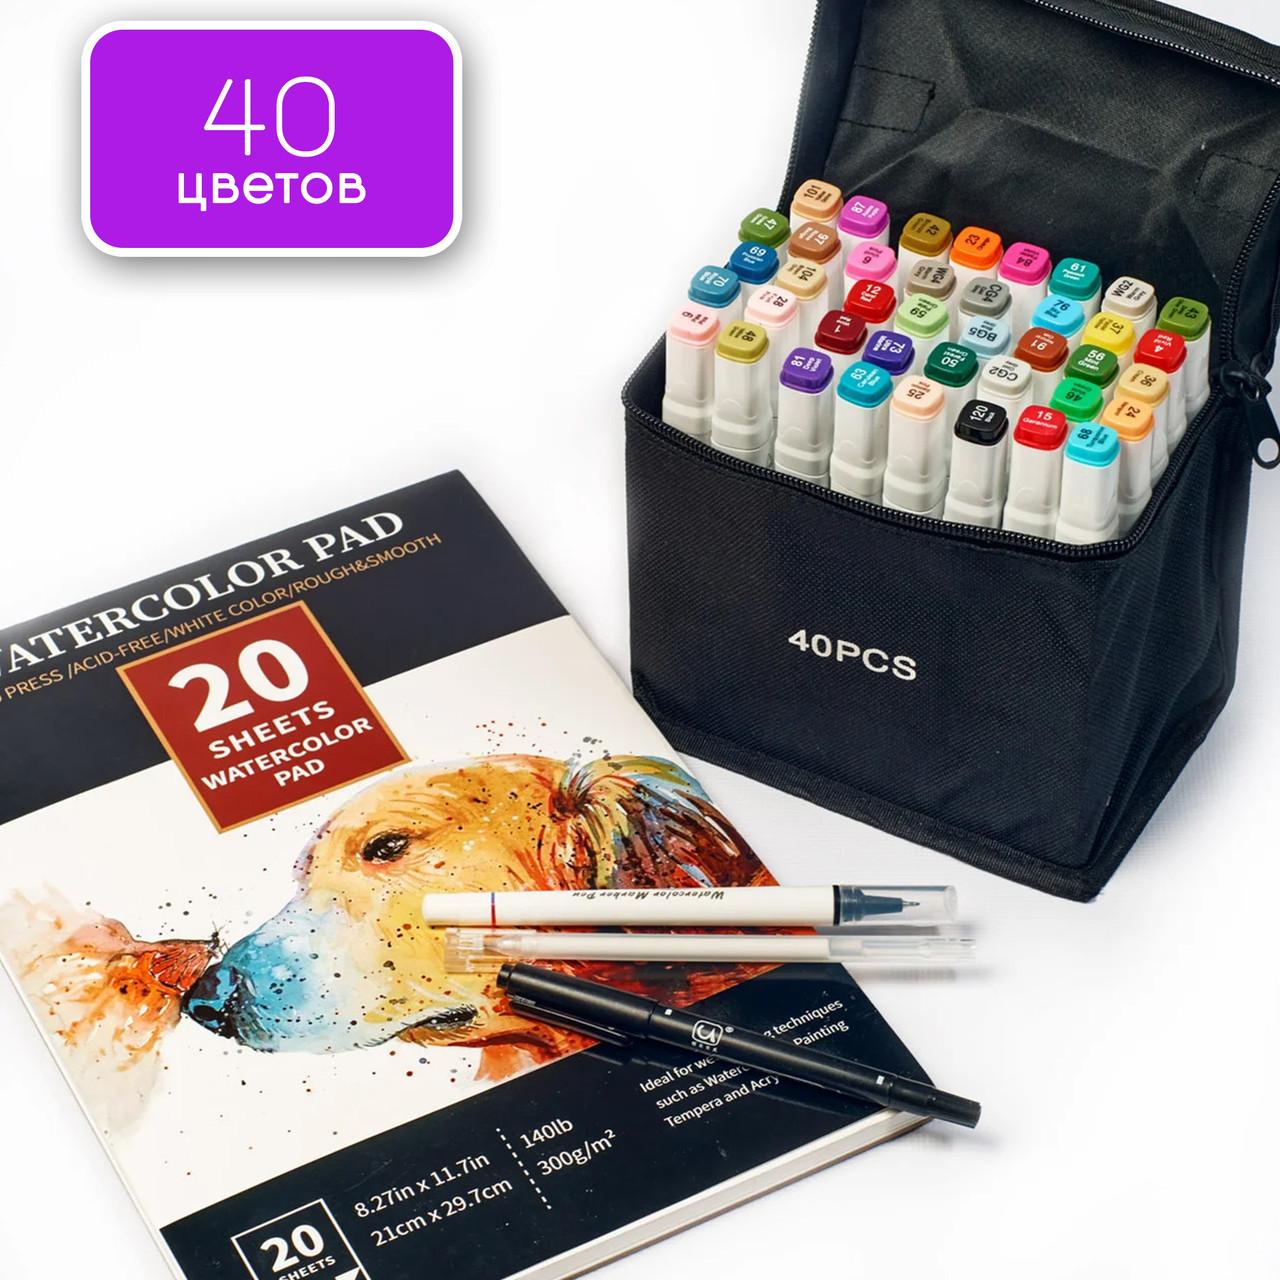 Набор двусторонних спиртовых маркеров 40 цветов touch smooth для скетчинга + бумага для рисования 20 листов